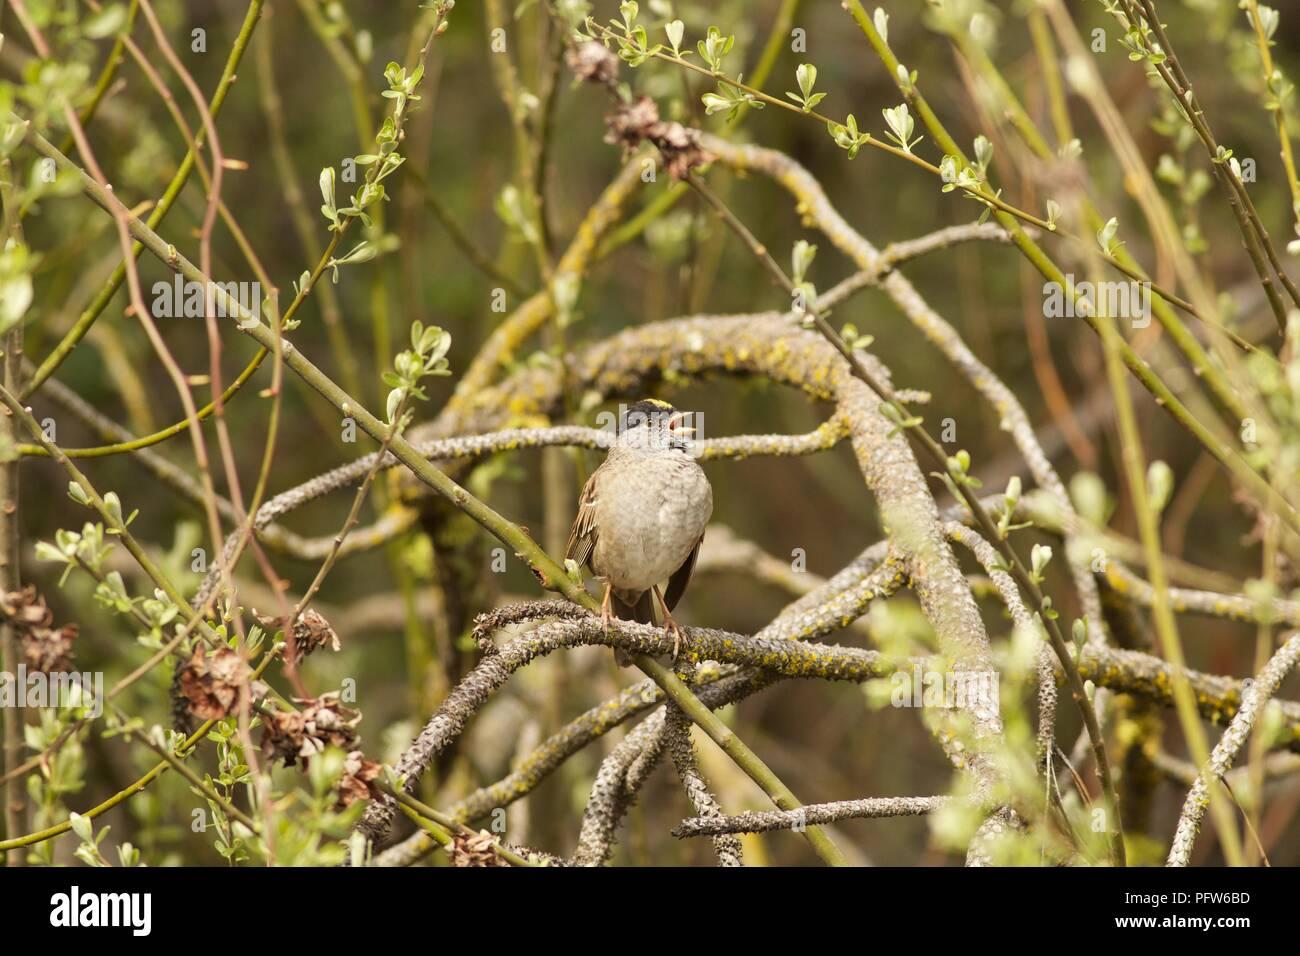 Bruant à couronne dorée mâle (Zonotrichia atricapilla) tombé sur sapin, Bass Lake, en Californie. Banque D'Images